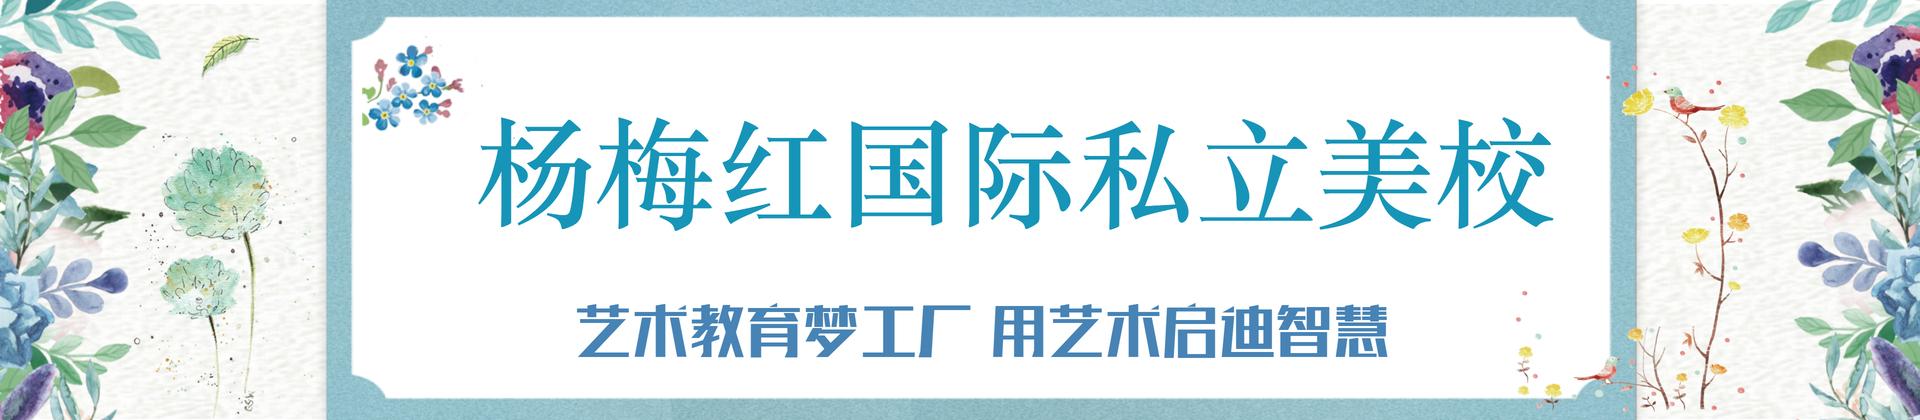 诸暨永利杨梅红国际私立美校